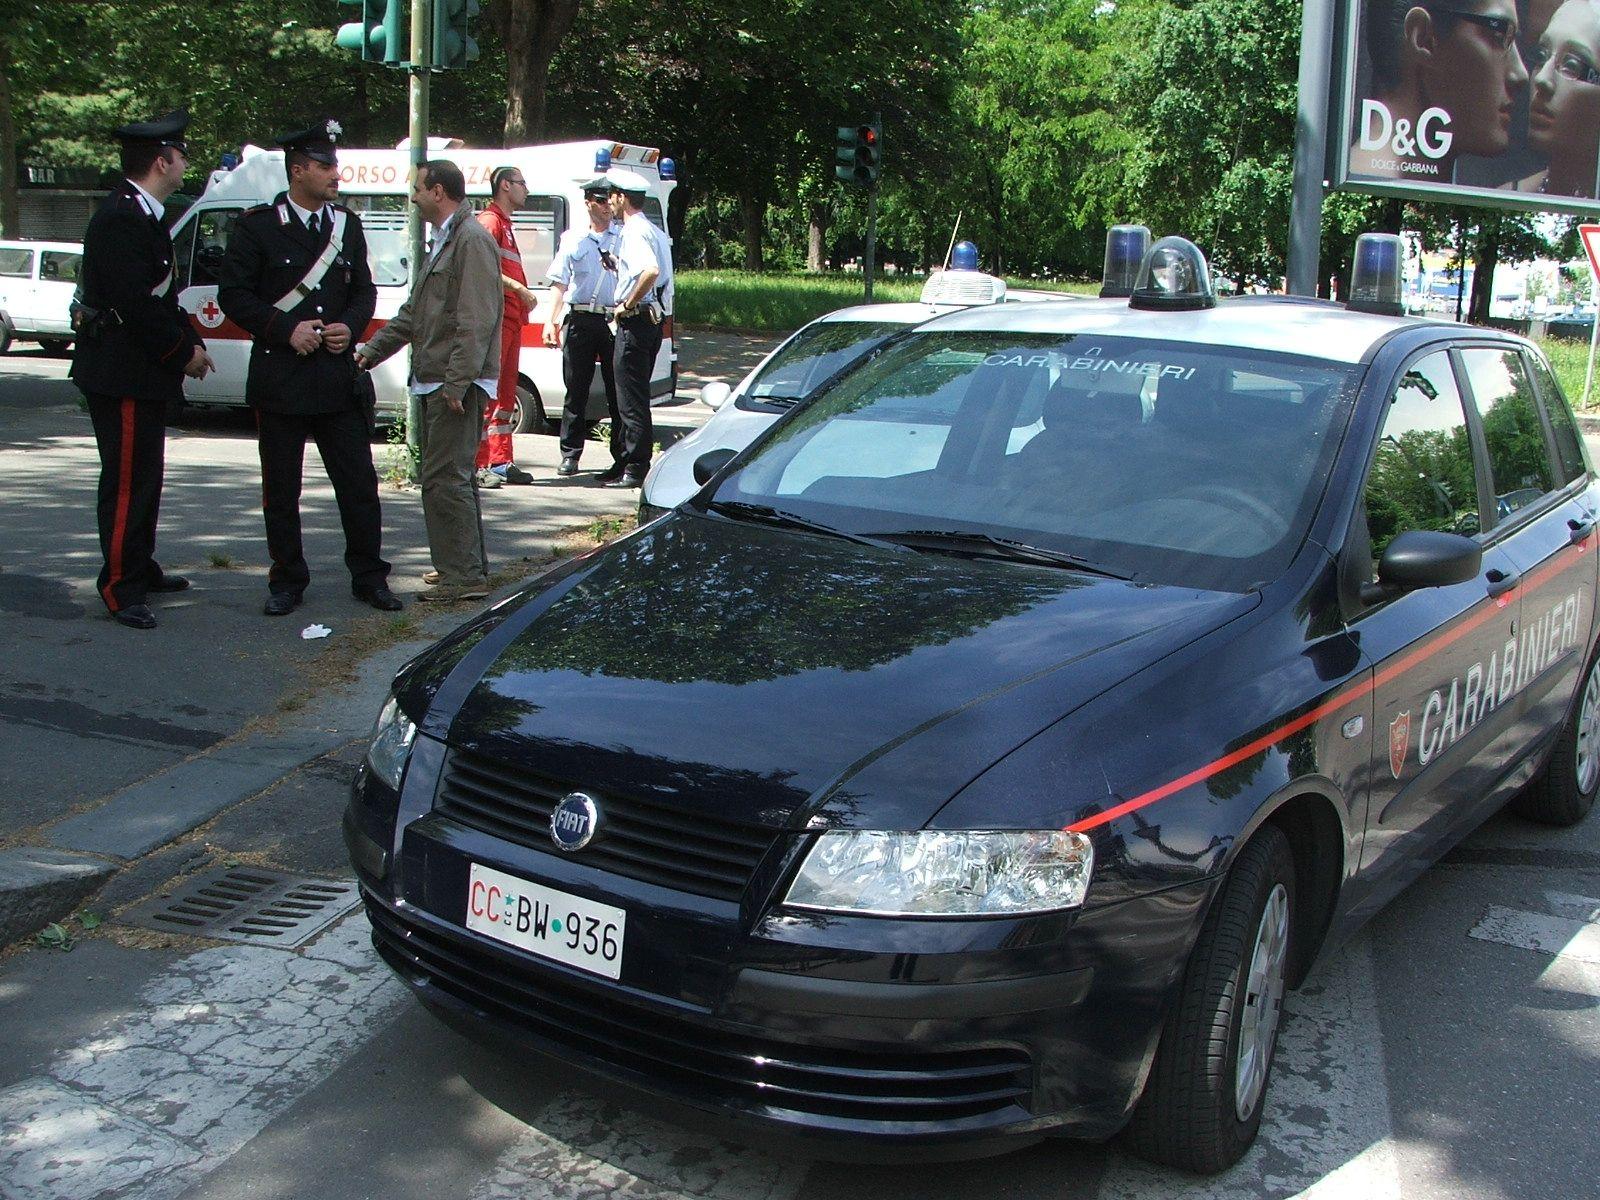 LEINI - Negoziante picchiato con una sedia: due cinesi denunciati dai carabinieri